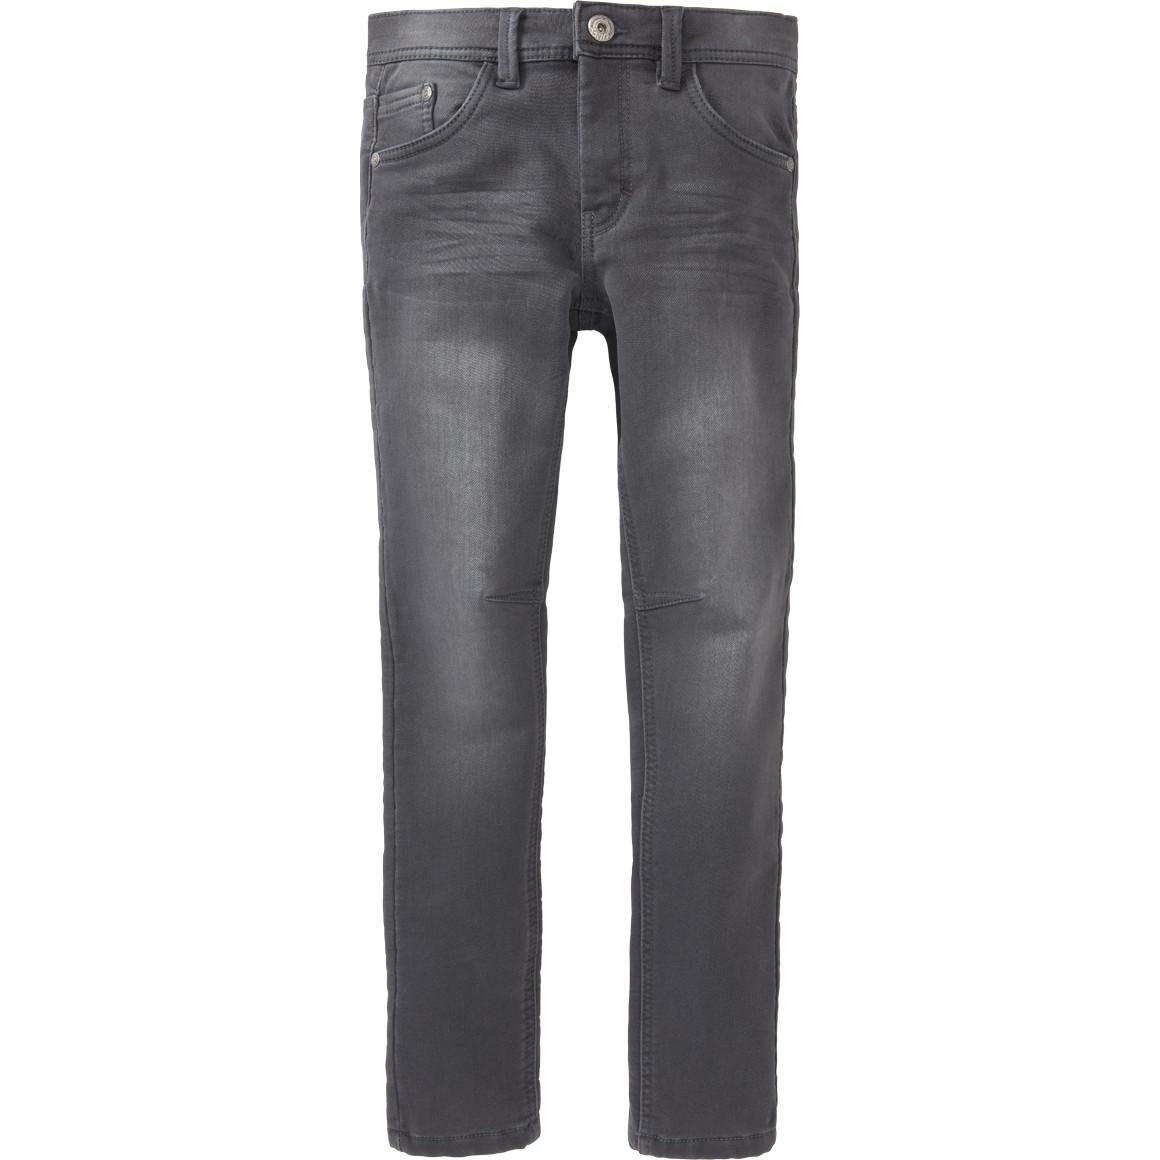 Boyshosen - Jungen Thermo Jeans im Slim Schnitt - Onlineshop Ernstings family